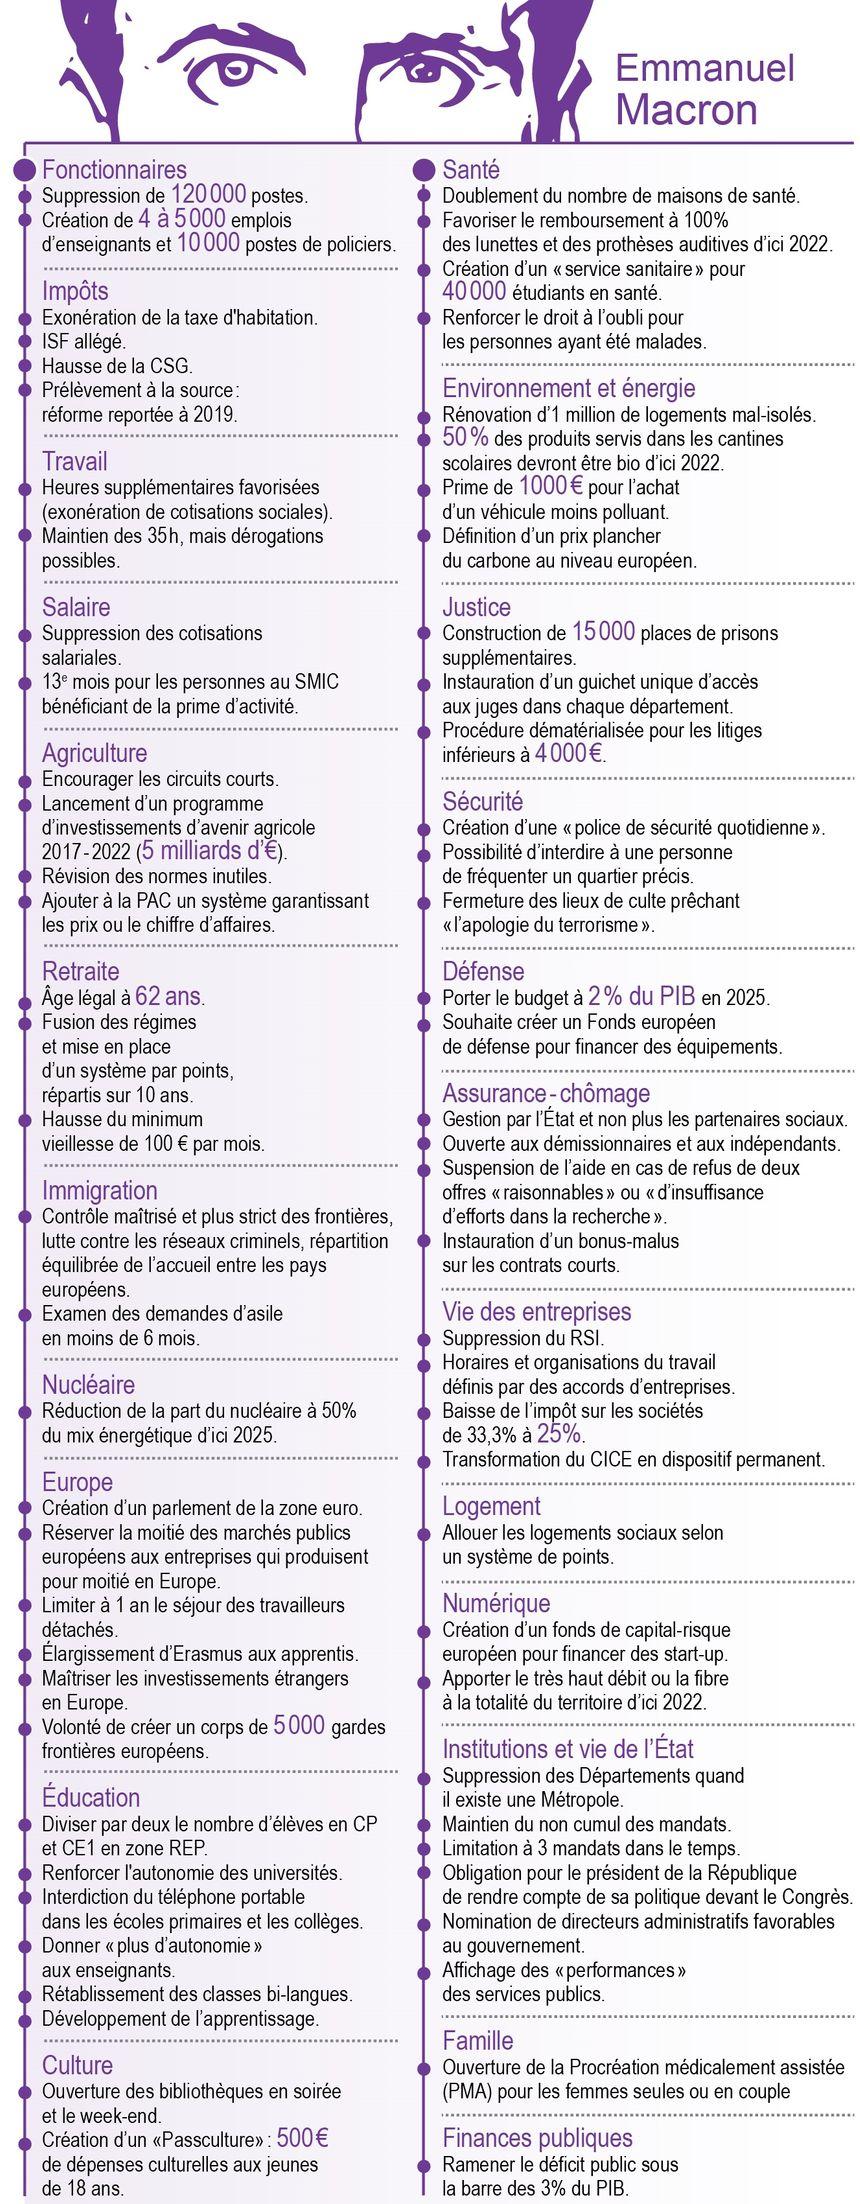 Infographie Les Premieres Mesures Annoncees Par Emmanuel Macron Et Les Grandes Lignes De Son Programme